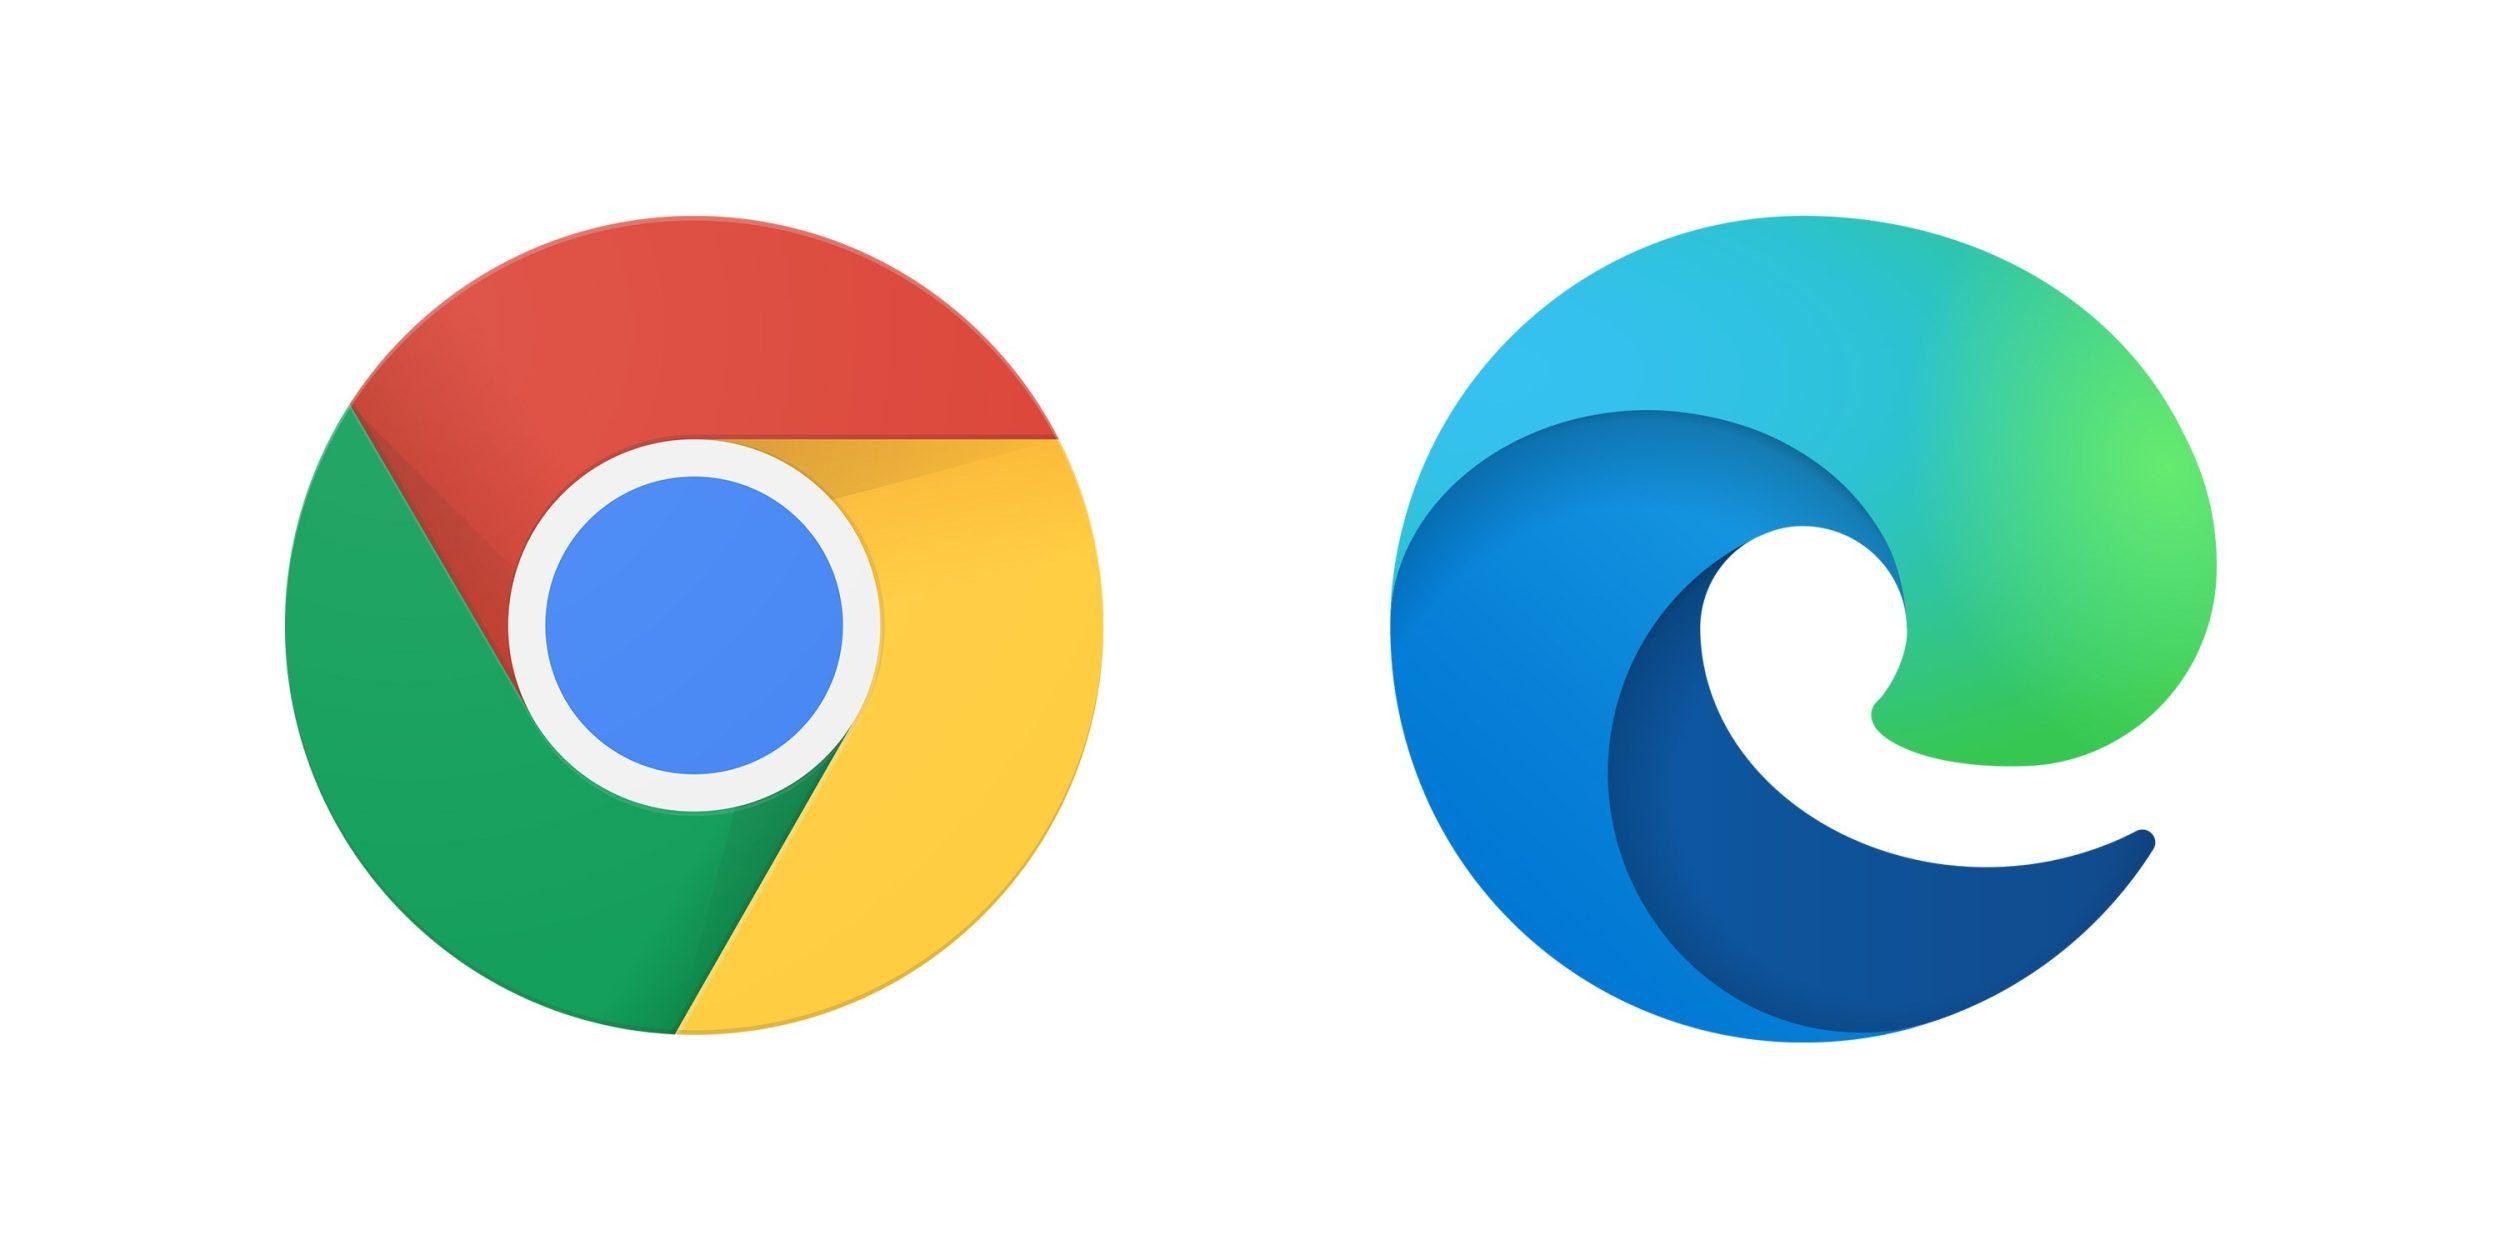 微软 Edge 将采用与 Chrome 相同的四周更新计划